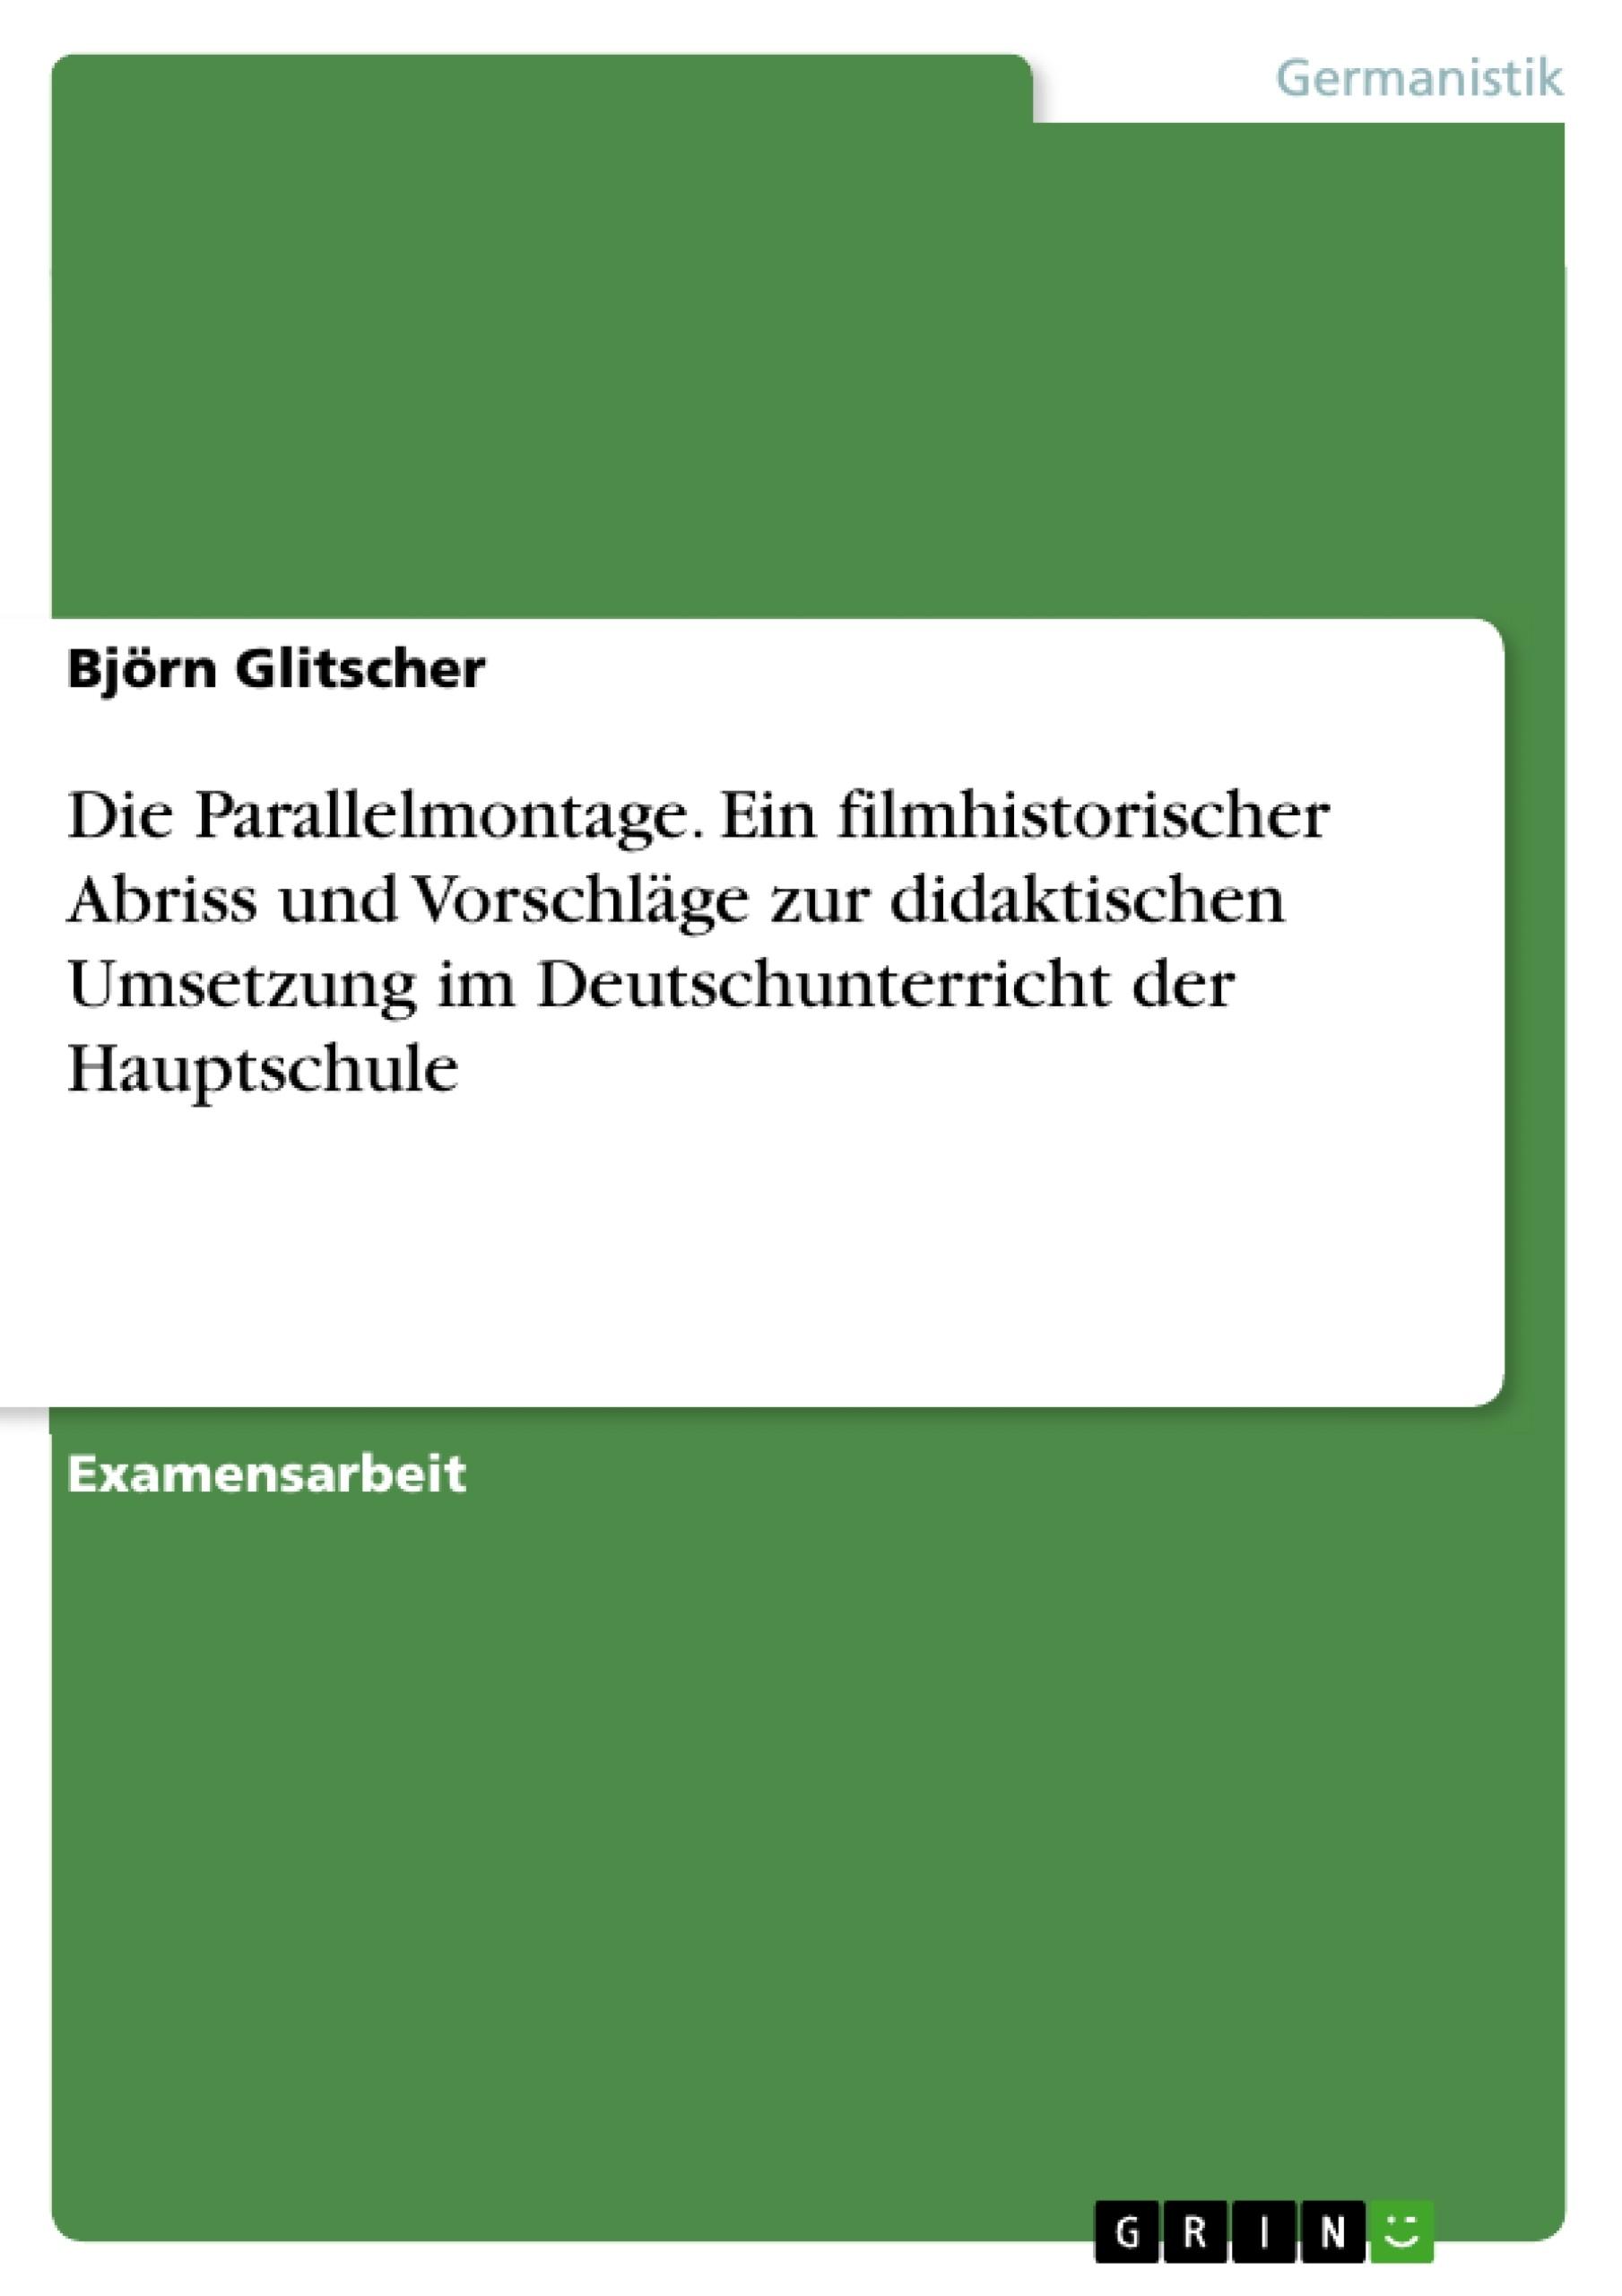 Titel: Die Parallelmontage. Ein filmhistorischer Abriss und Vorschläge zur didaktischen Umsetzung im Deutschunterricht der Hauptschule